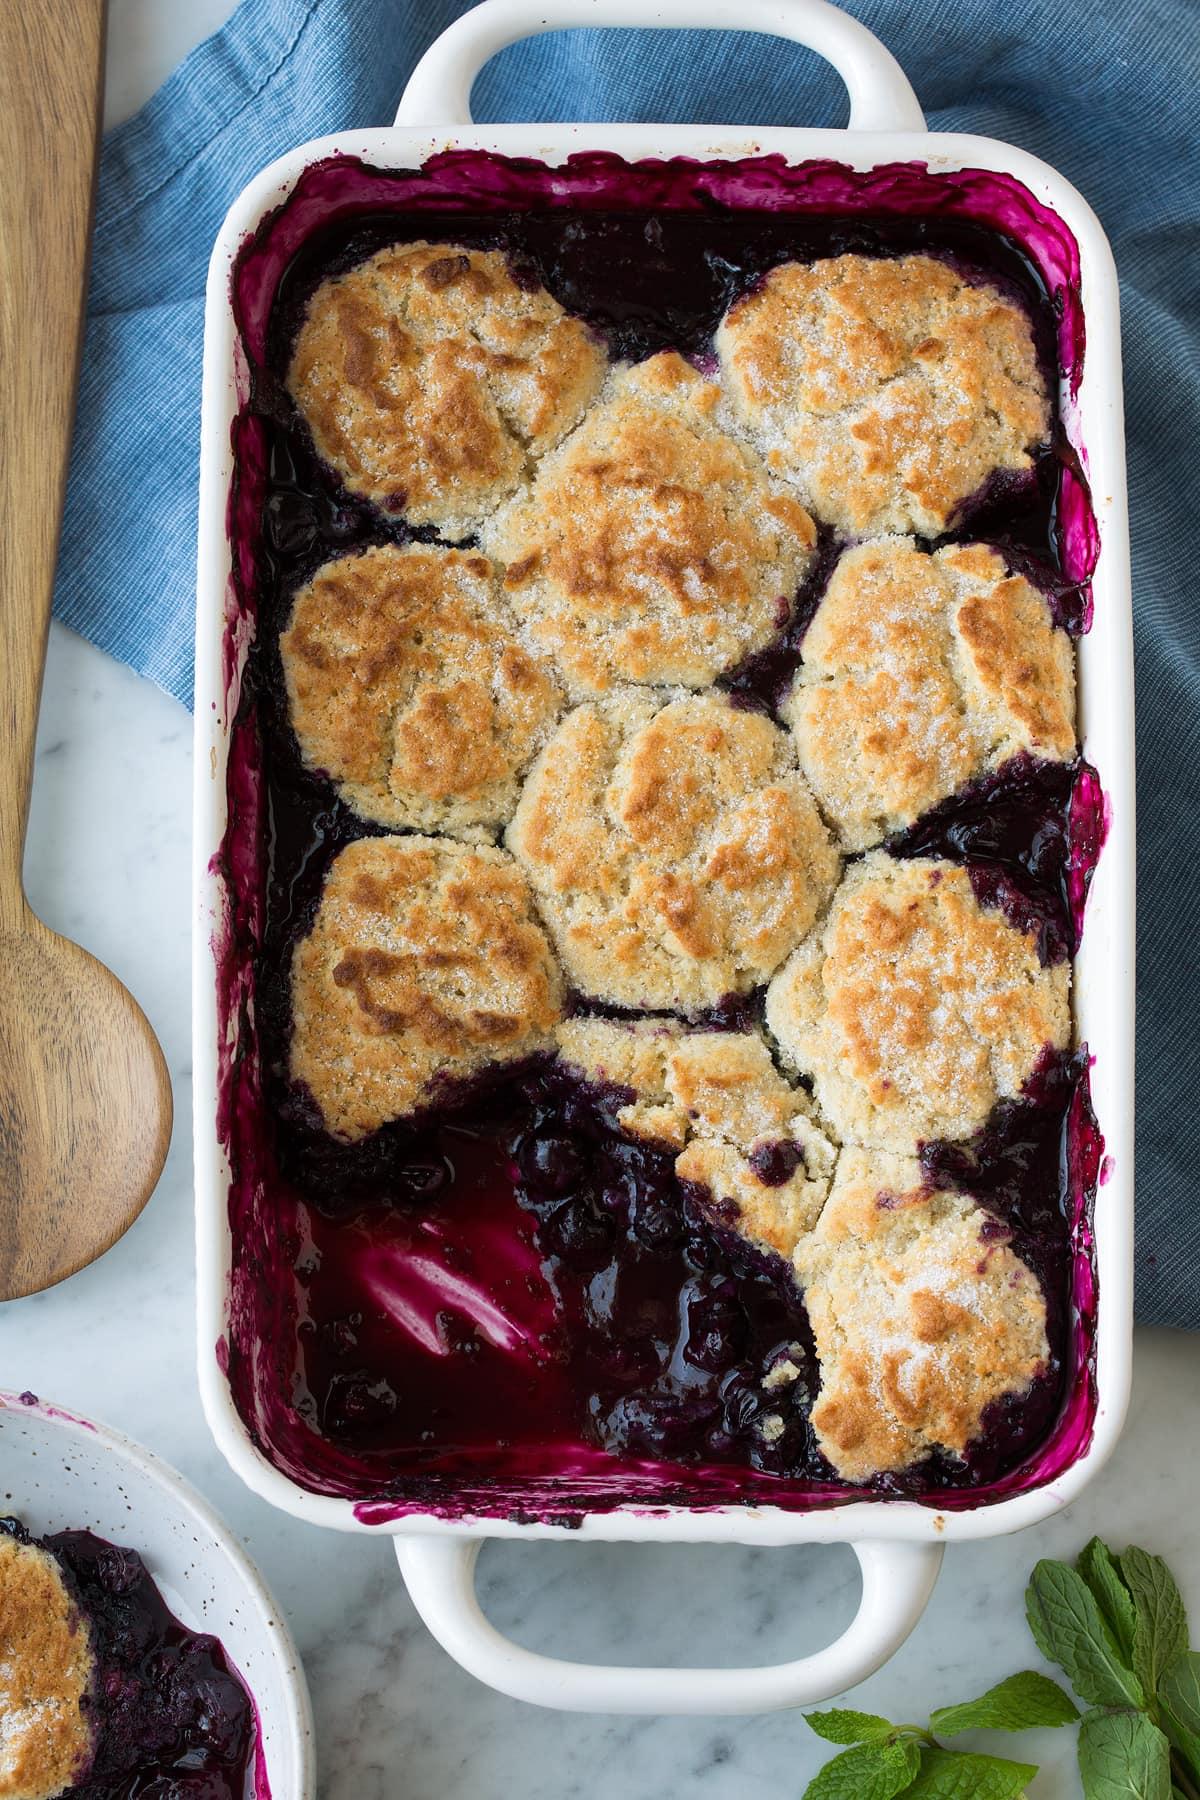 Blueberry Cobbler in white baking dish